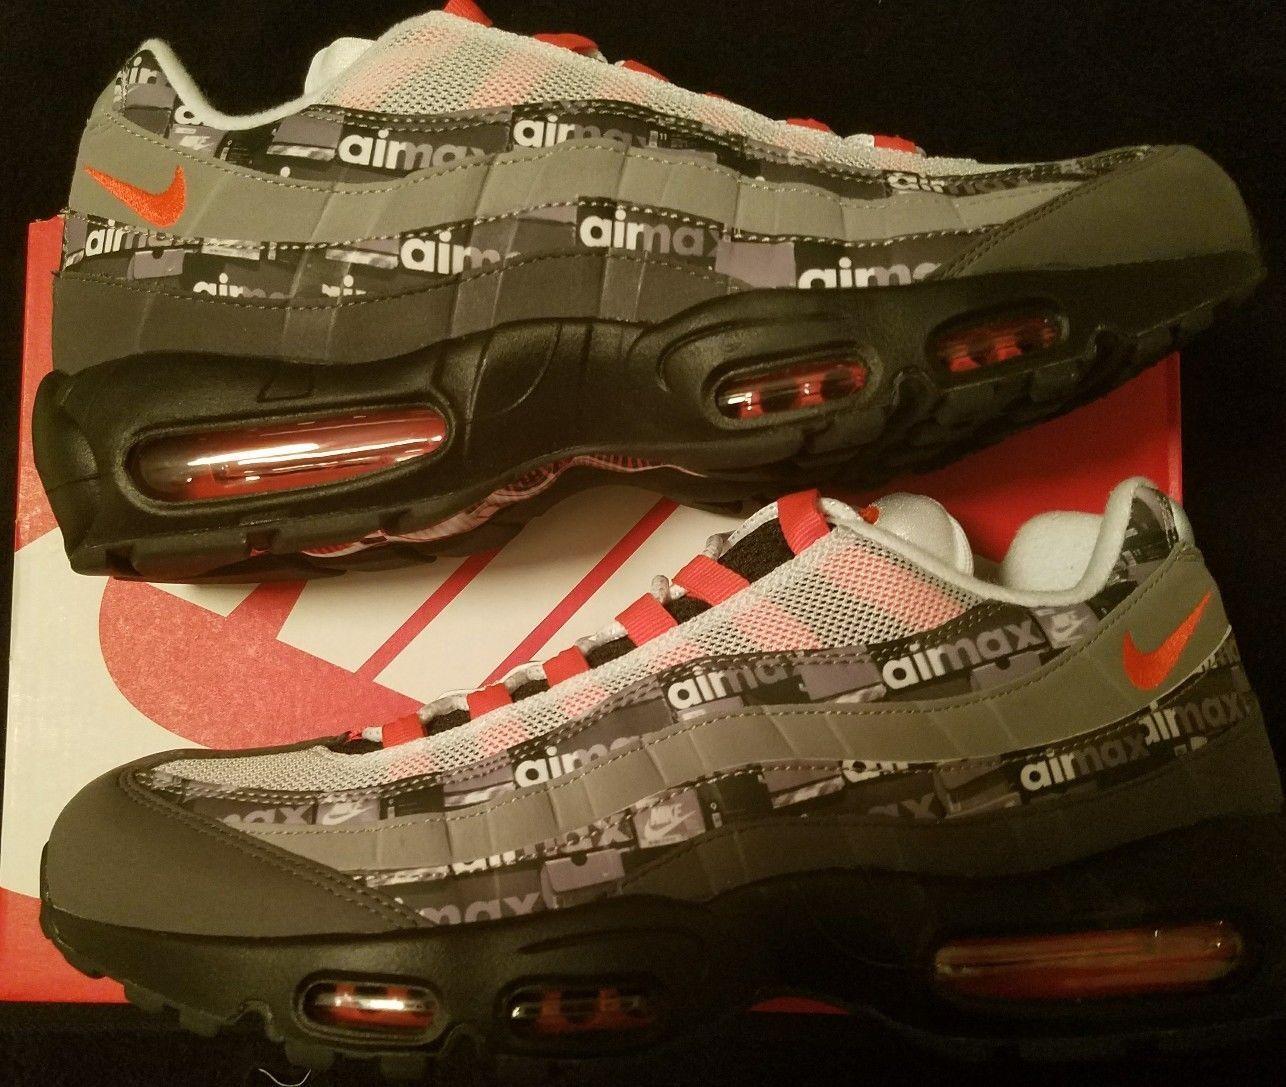 Envío ahora Atmos Nike Air Air Air Max 95 Prnt We Love 8-13 nero Carmesí AQ0925-002 91c6a1